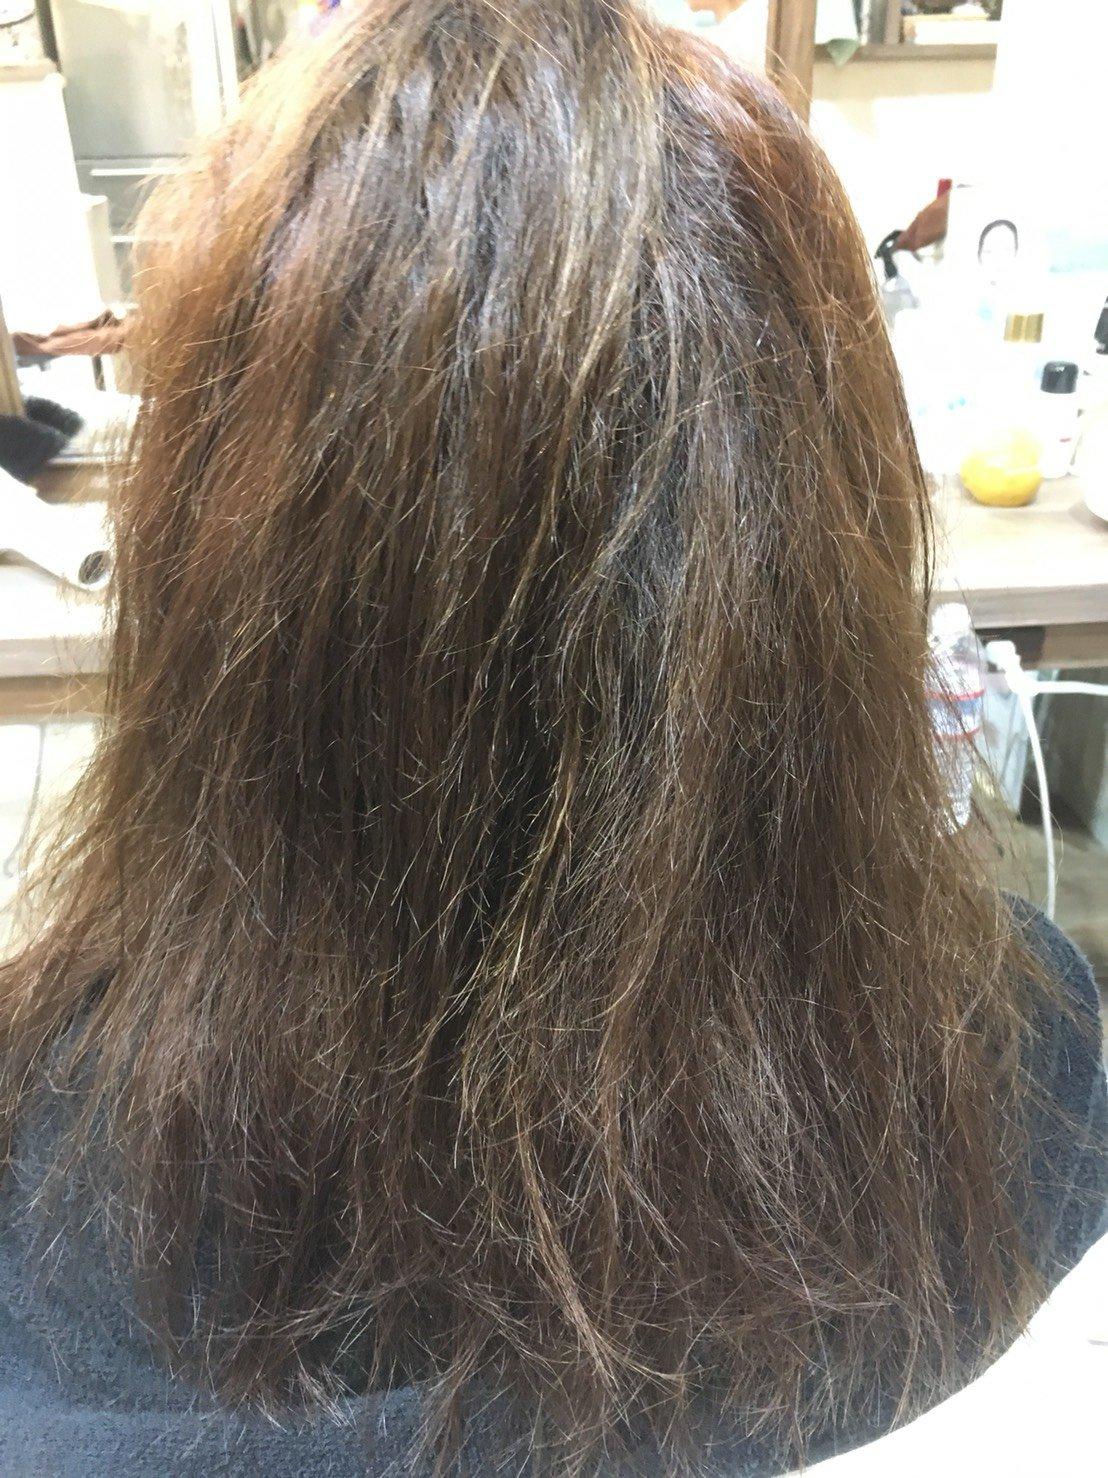 ユーリカリチェルコの髪質改善とは?